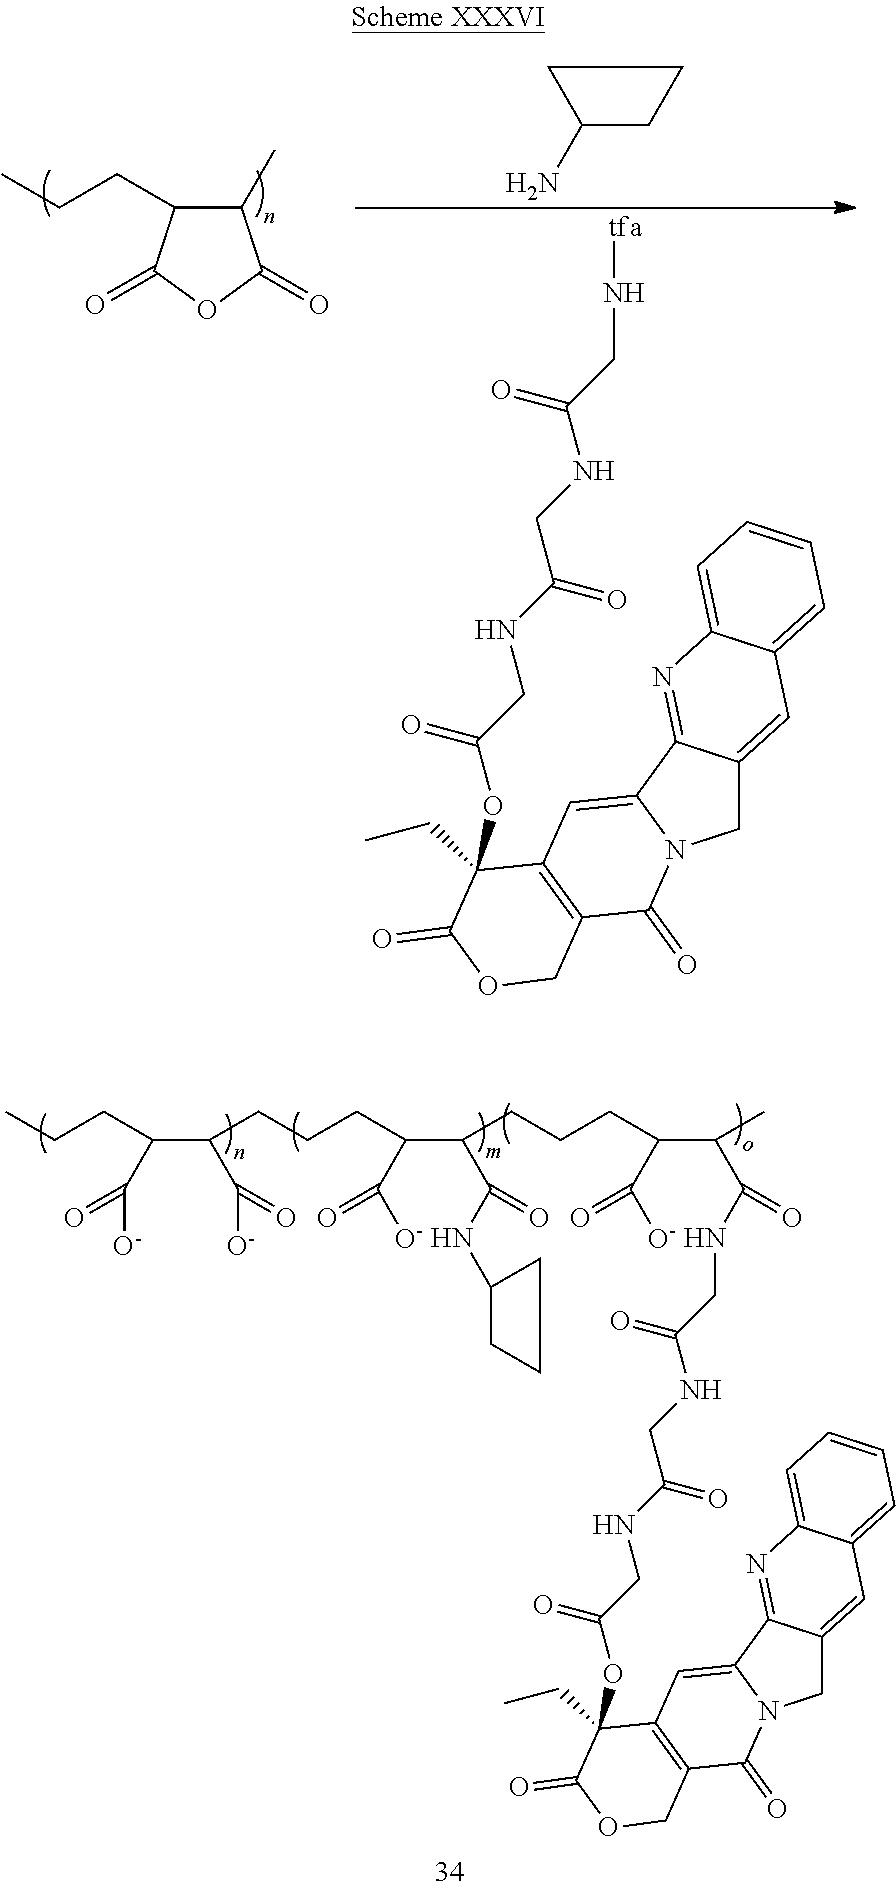 Figure US08110179-20120207-C00057